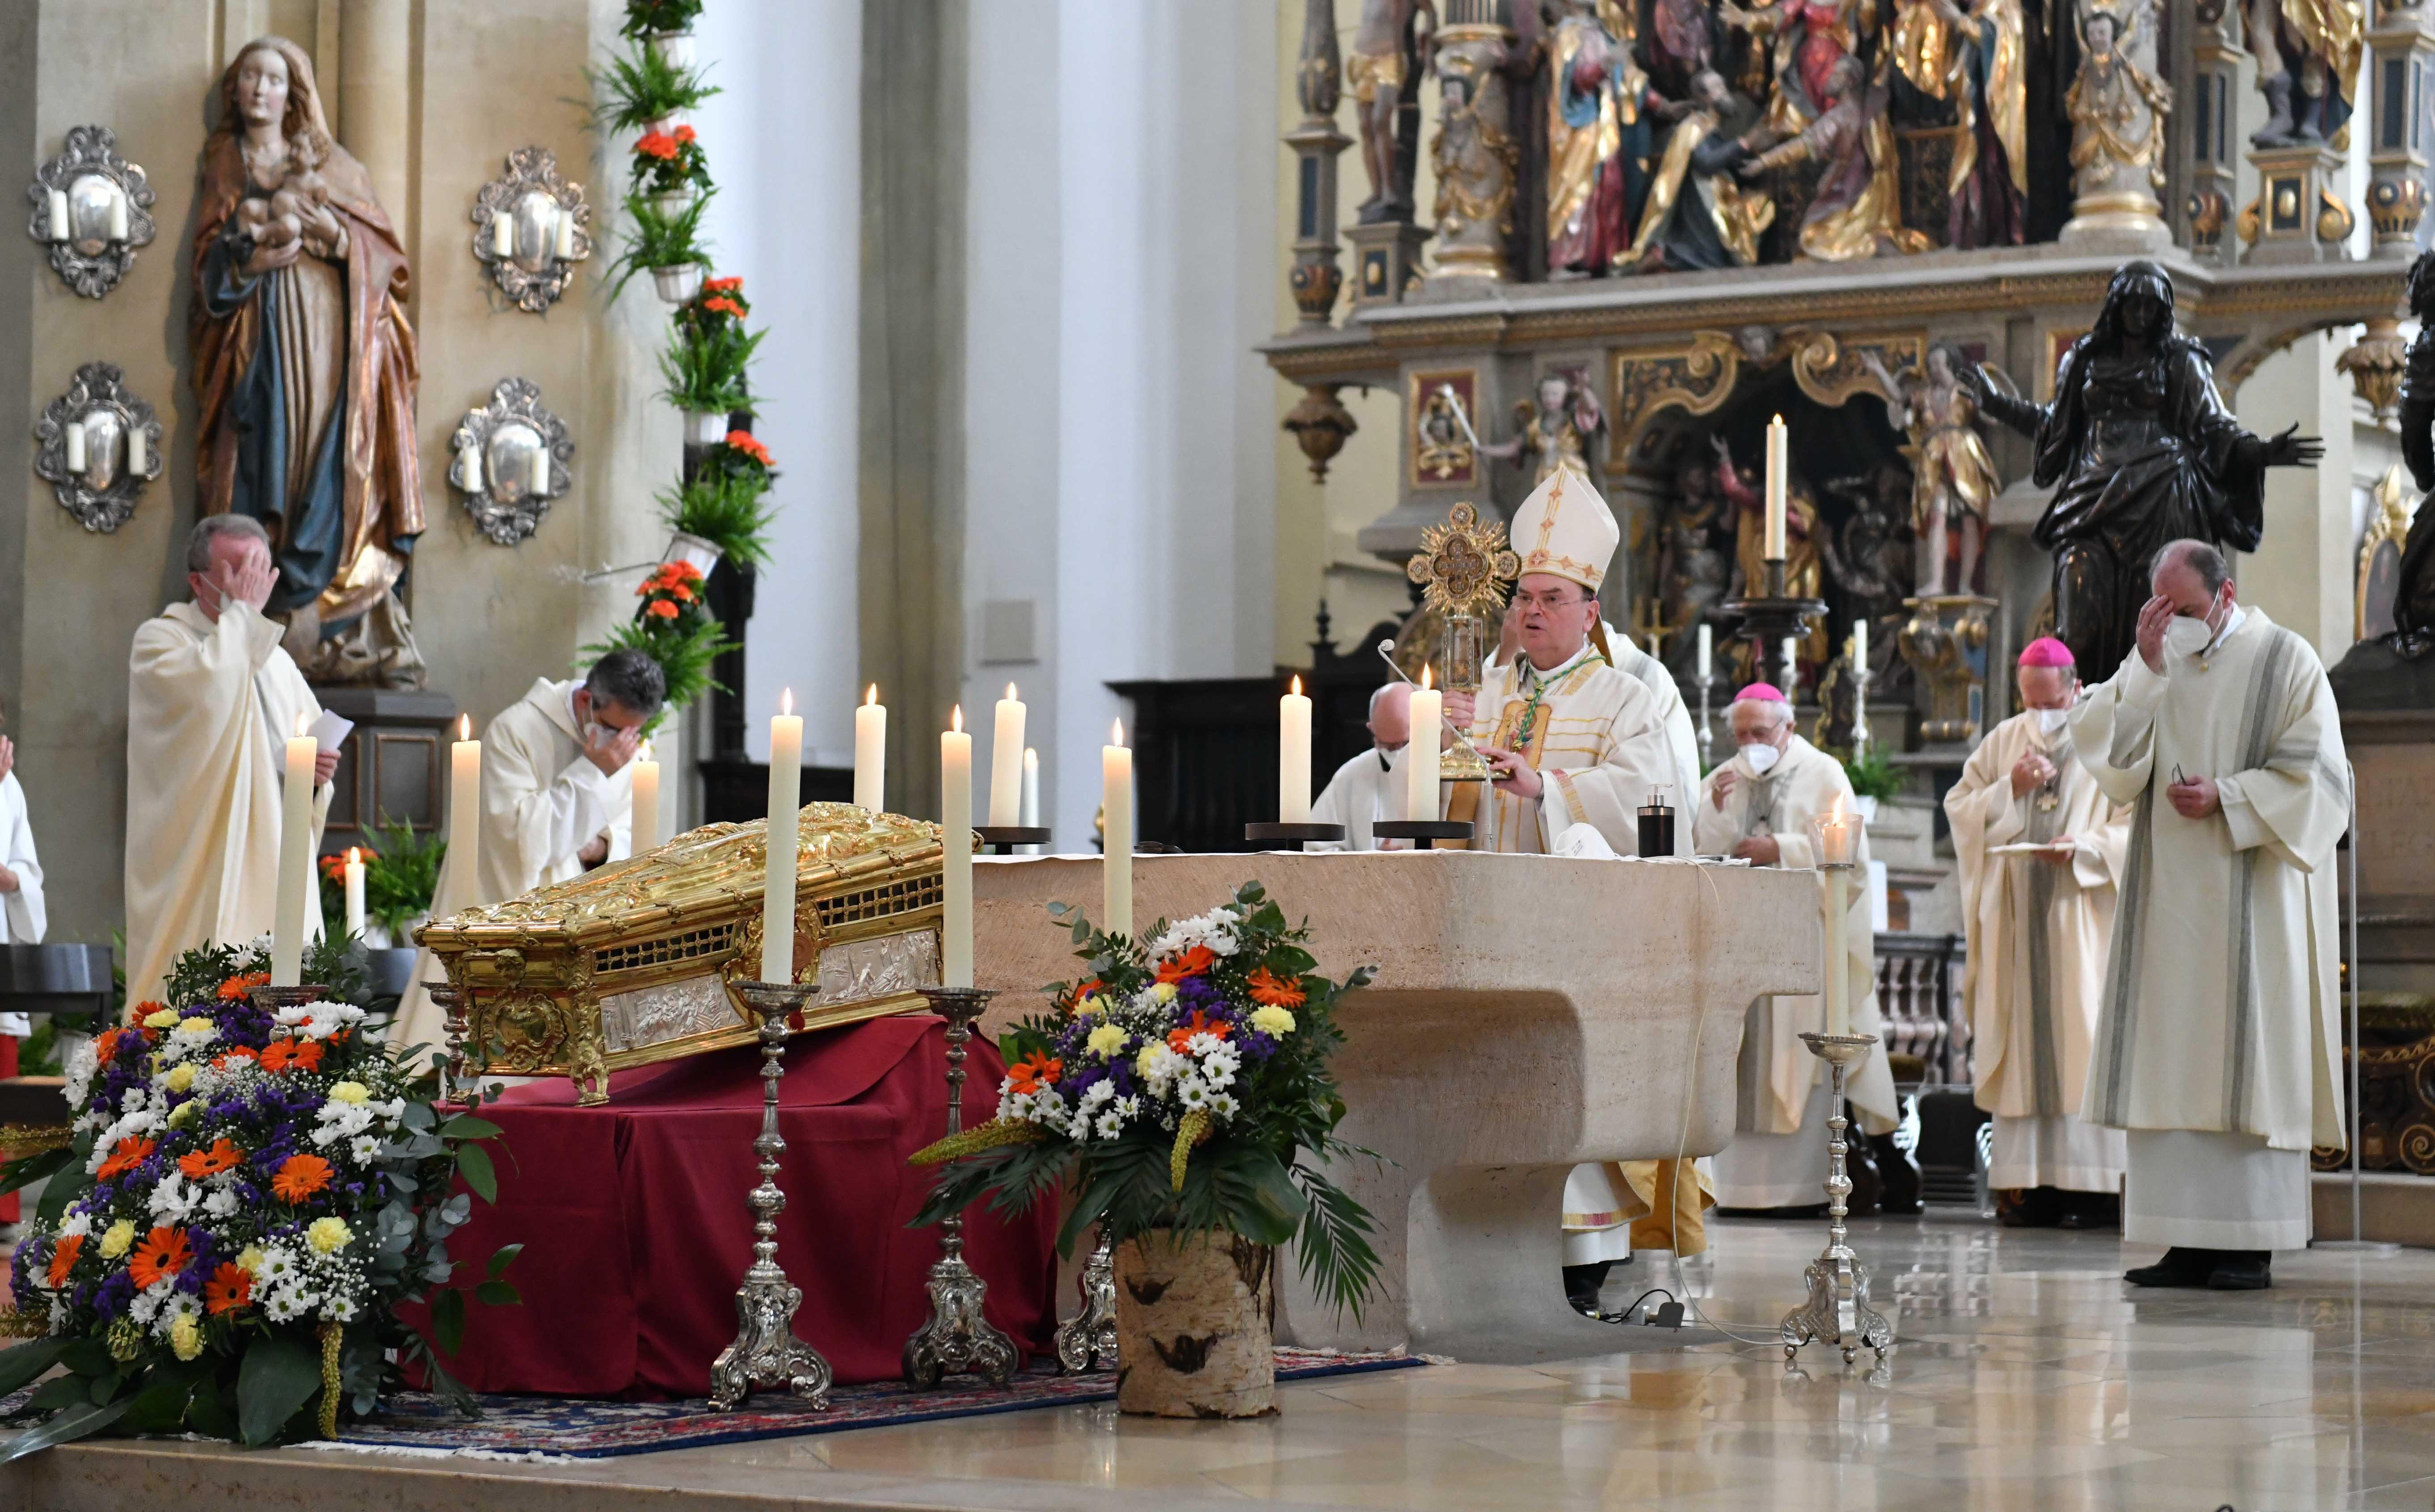 Beim Pontifikalamt zum Hochfest des hl. Ulrich hat Bischof Dr. Bertram Meier dazu aufgerufen, sich von Vorbildern des Glaubens in Geschichte und Gegenwart stärken zu lassen. (Fotos: Maria Steber / pba)